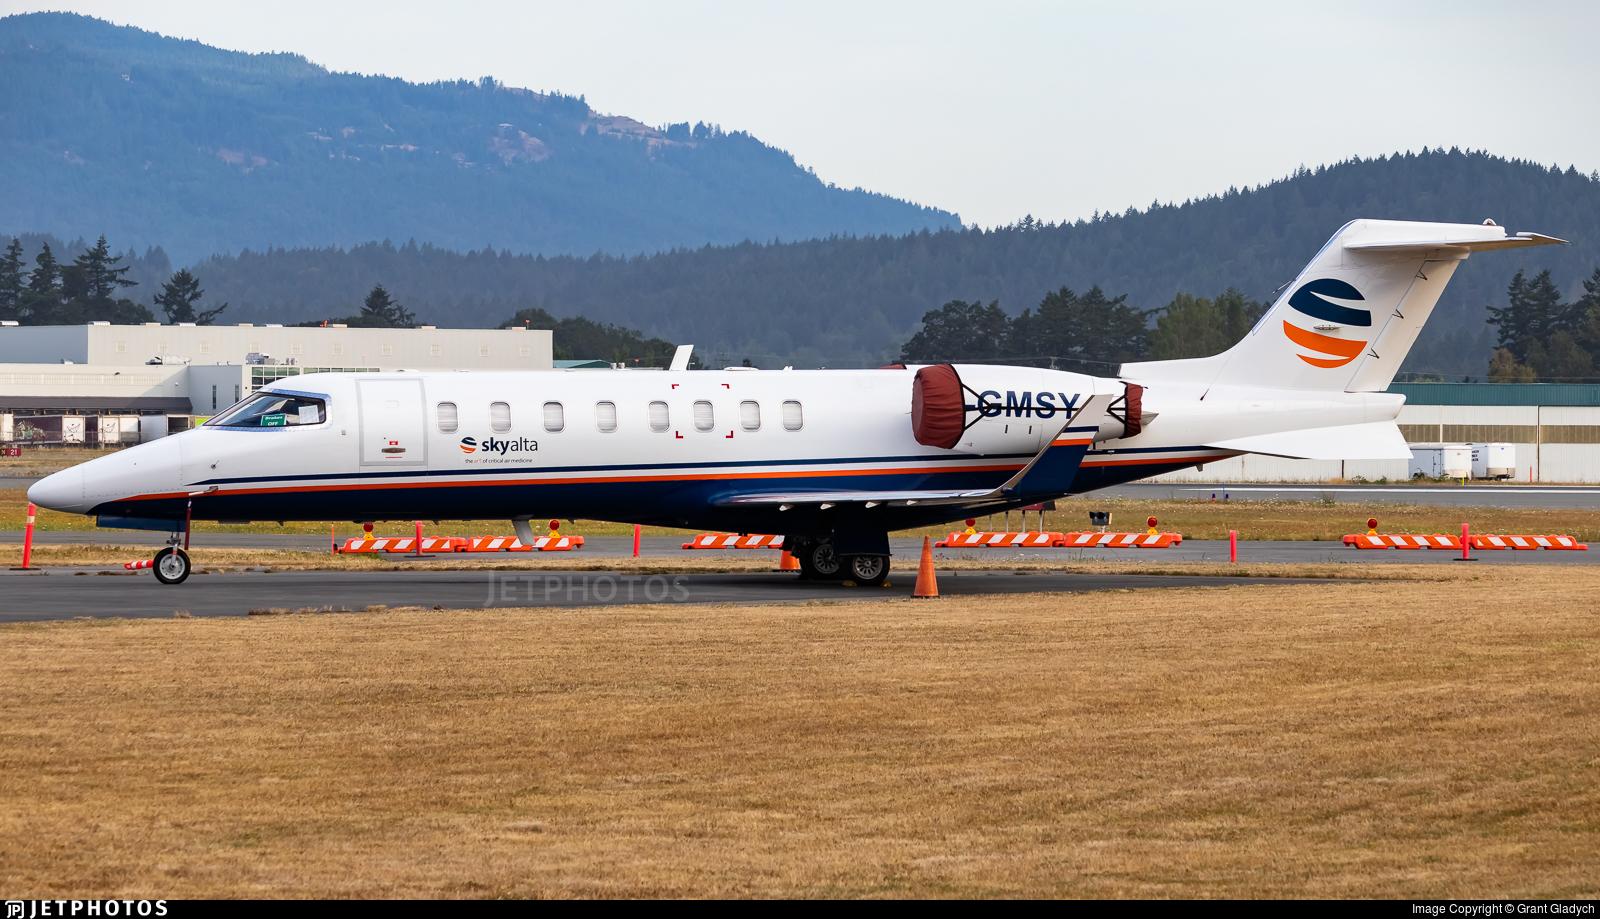 C-GMSY - Bombardier Learjet 45 - Aviation Starlink